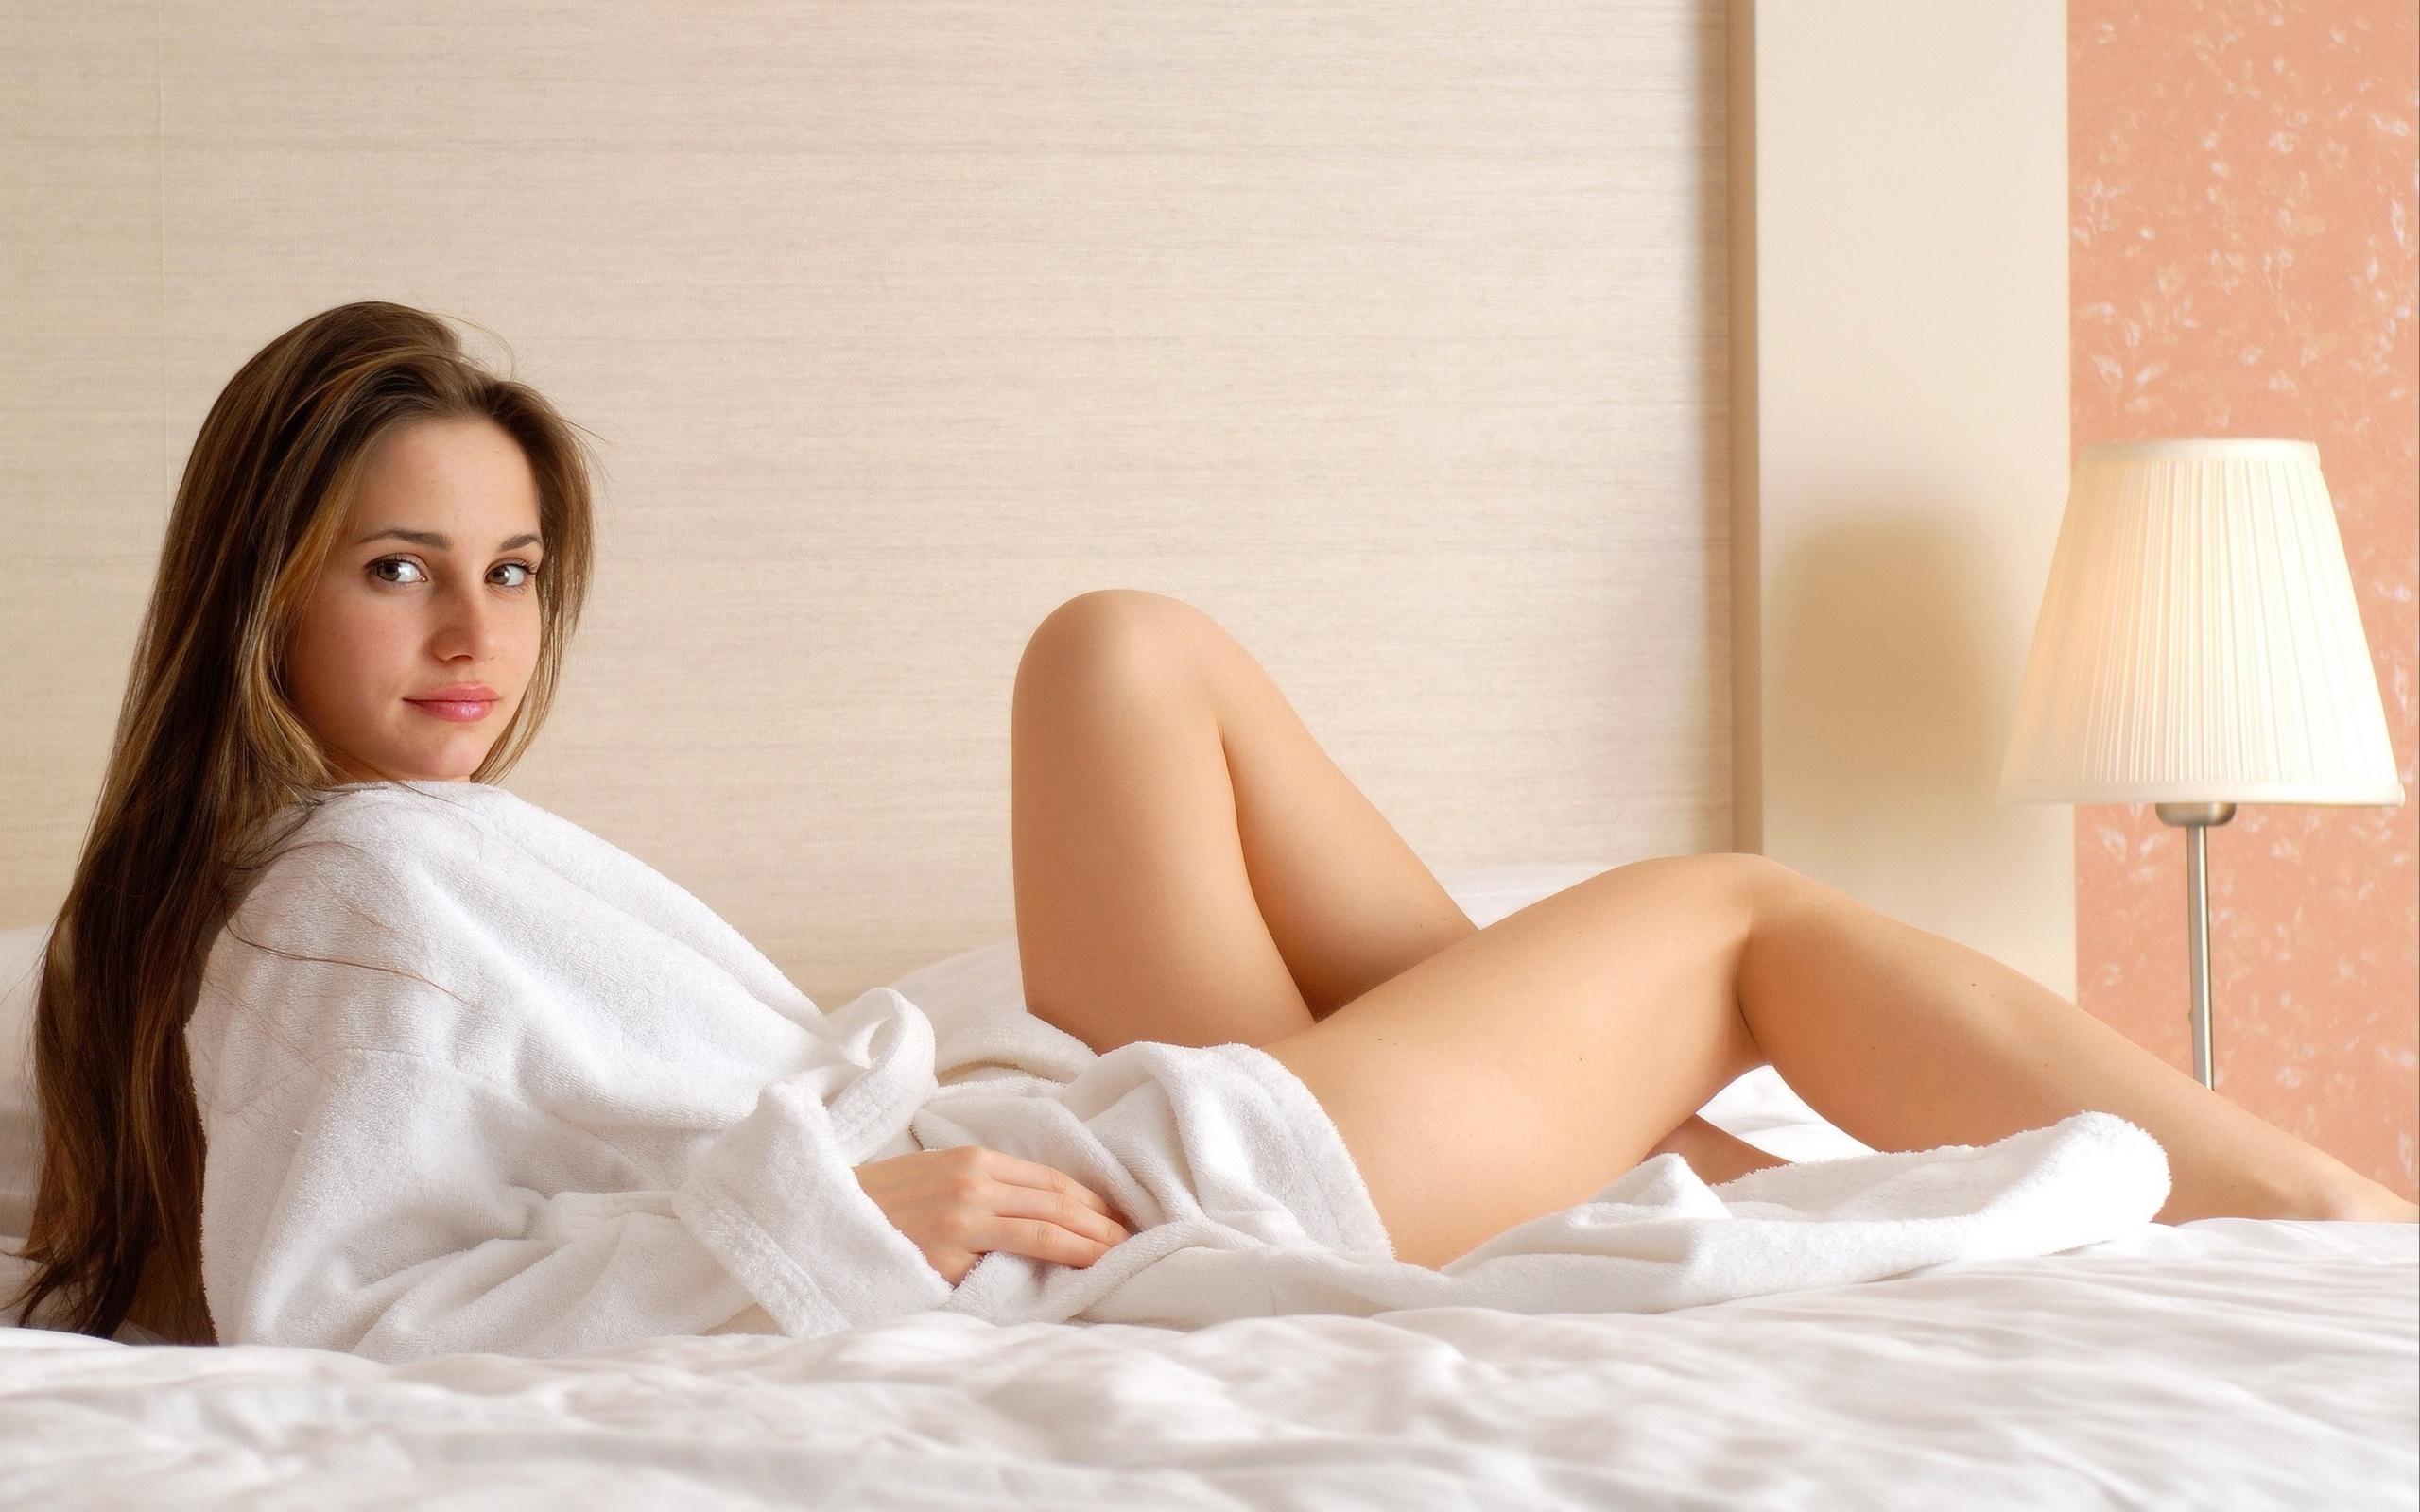 голые молодые девушки в постели - 7